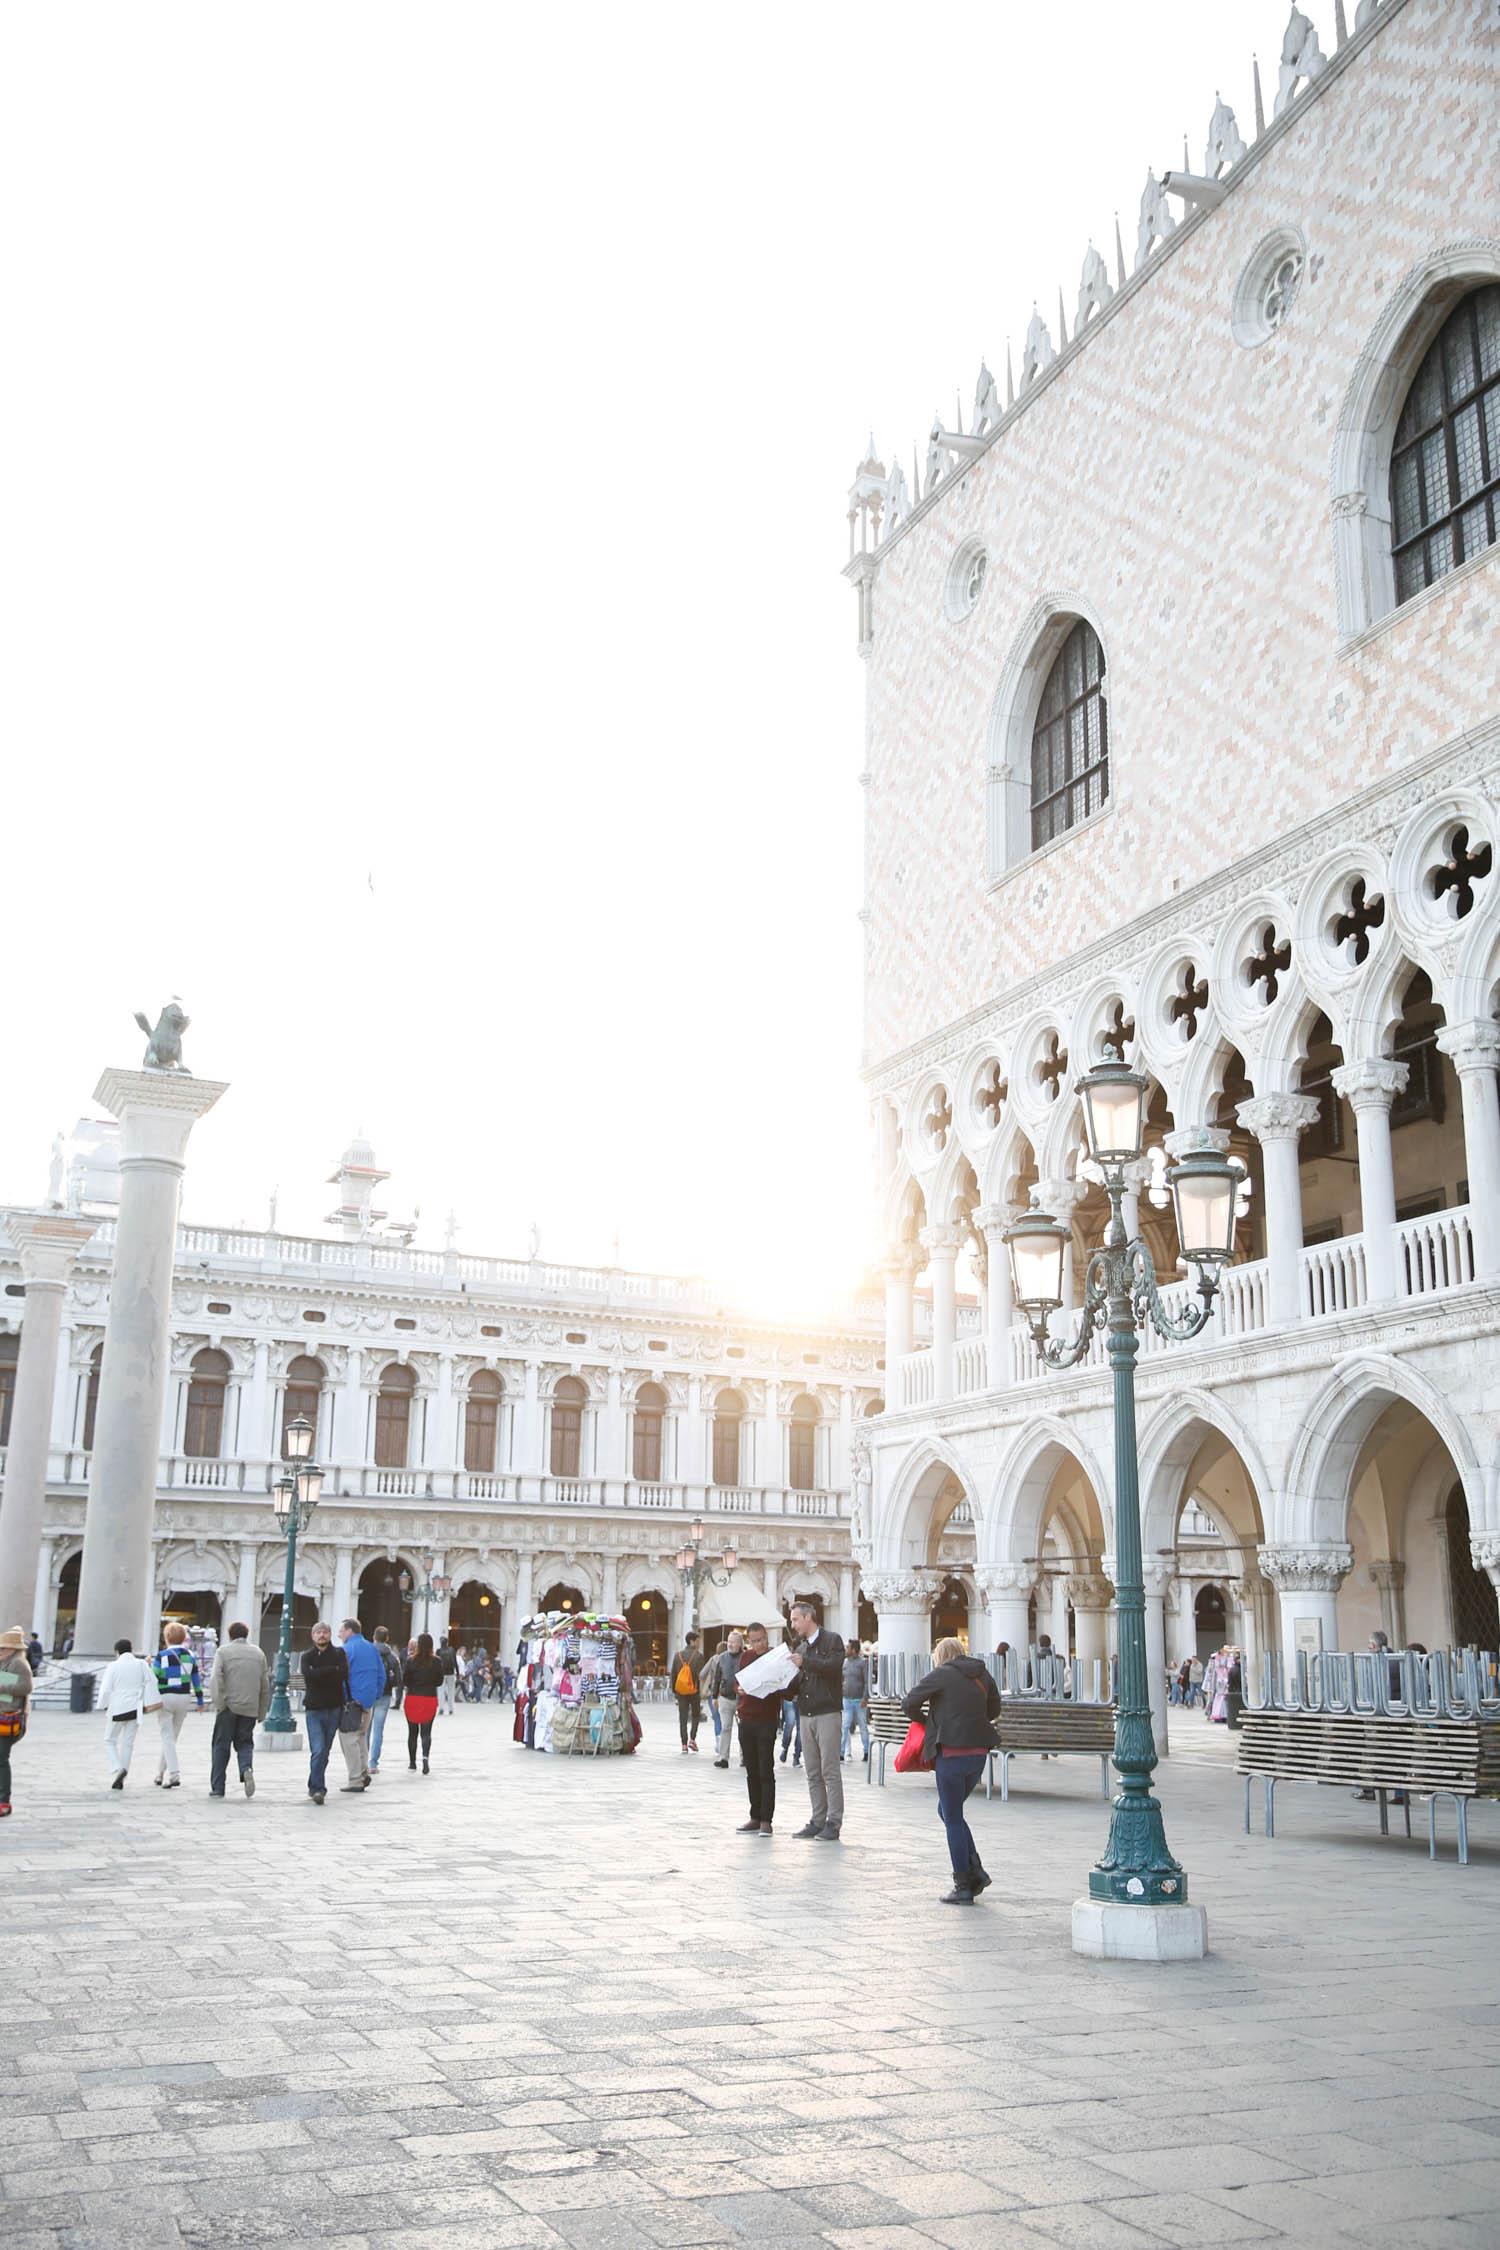 venice, italy, venezia, venice travel diary, alyson haley, st. marks square, st. mark's square, caffe florian